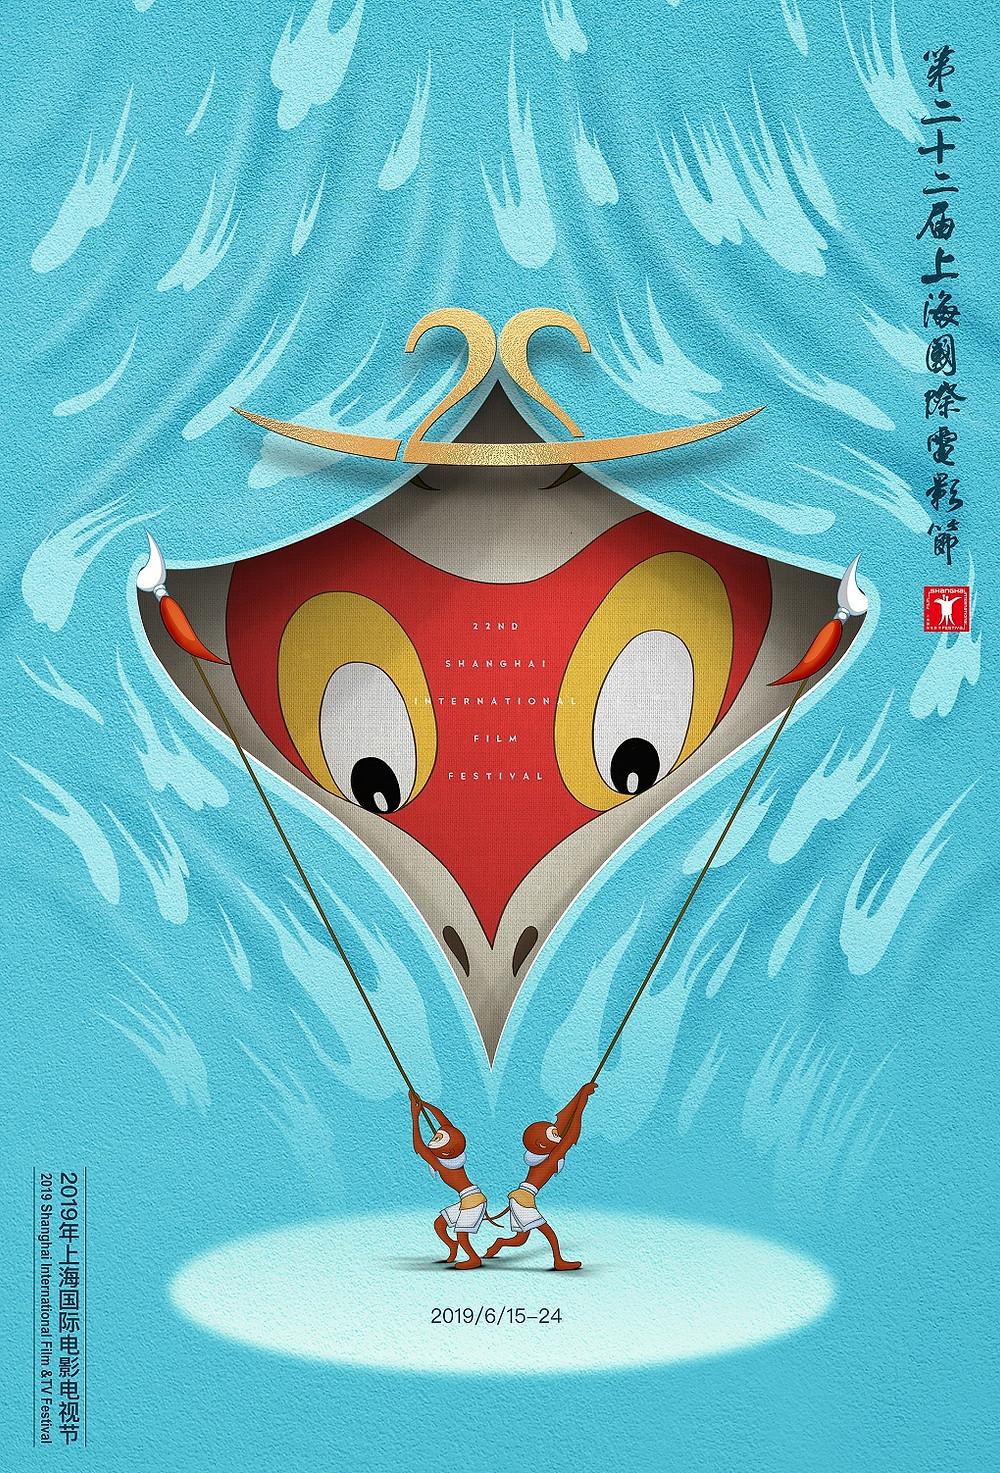 Shanghai International film festival poster